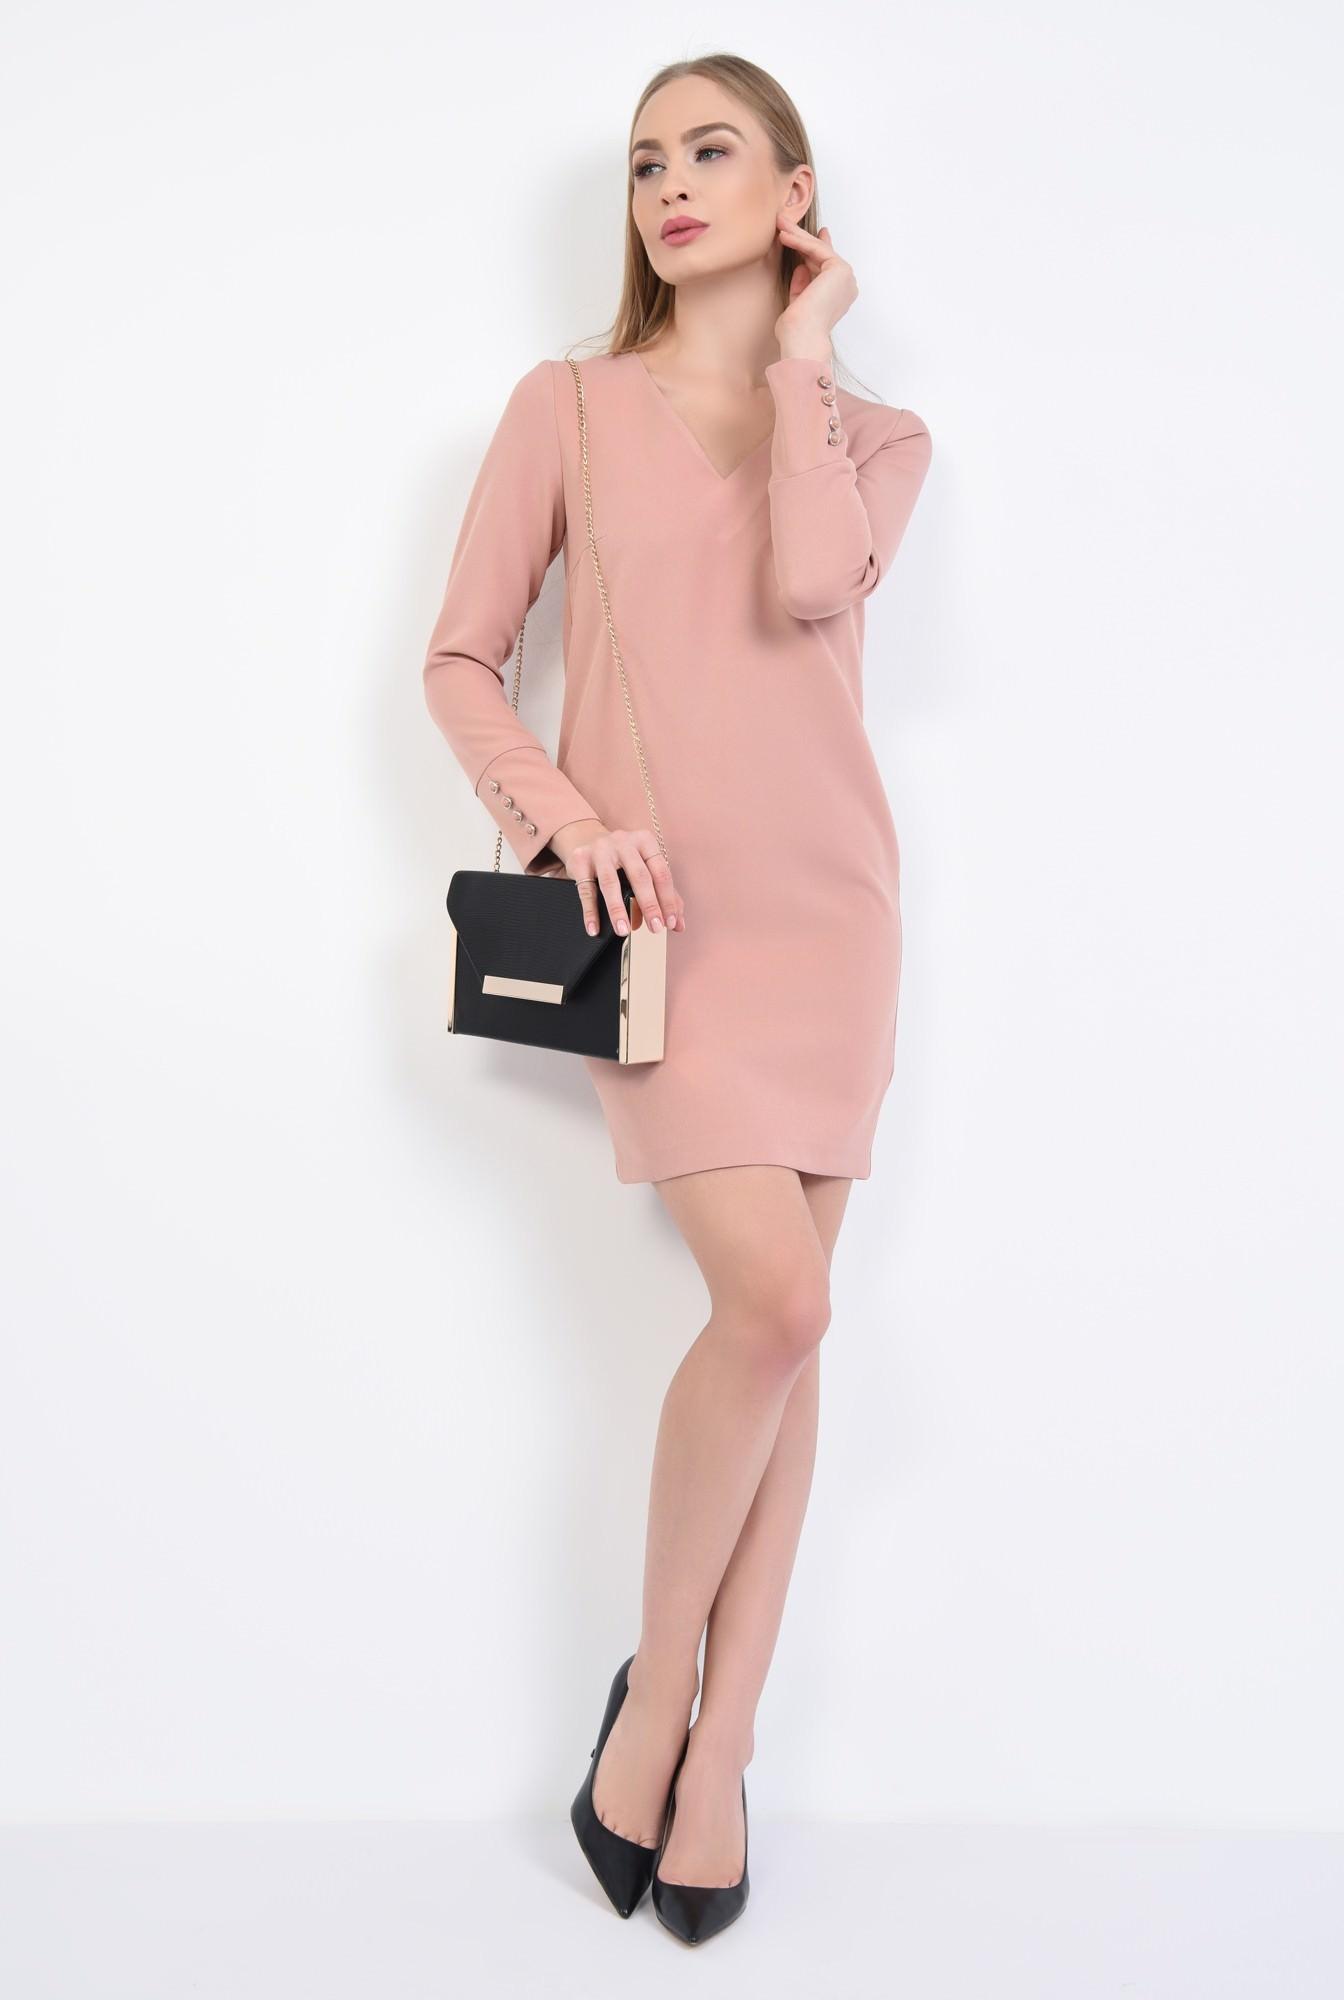 3 - Rochie casual mini, roz